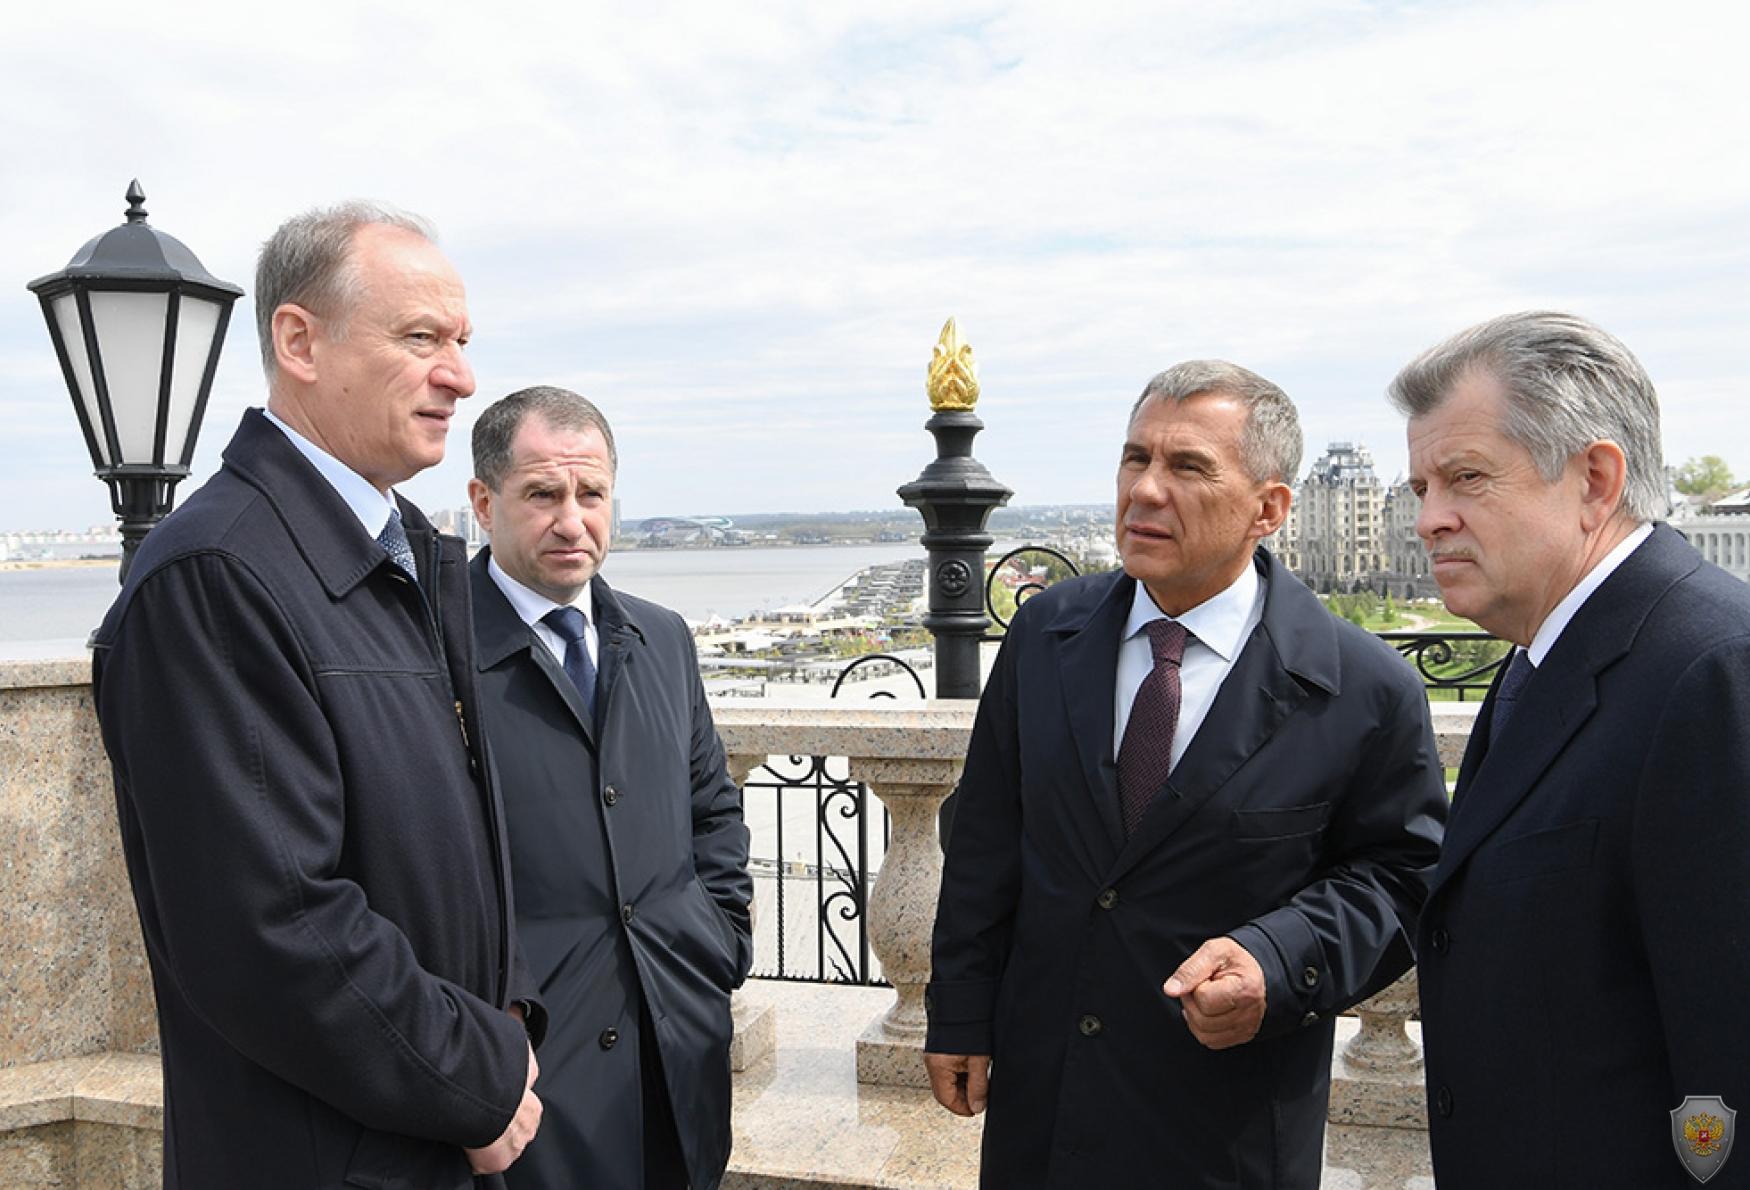 Беседуют Николай Патрушев, Михаил Бабич, Рустам Минниханов и Сергей Вахруков